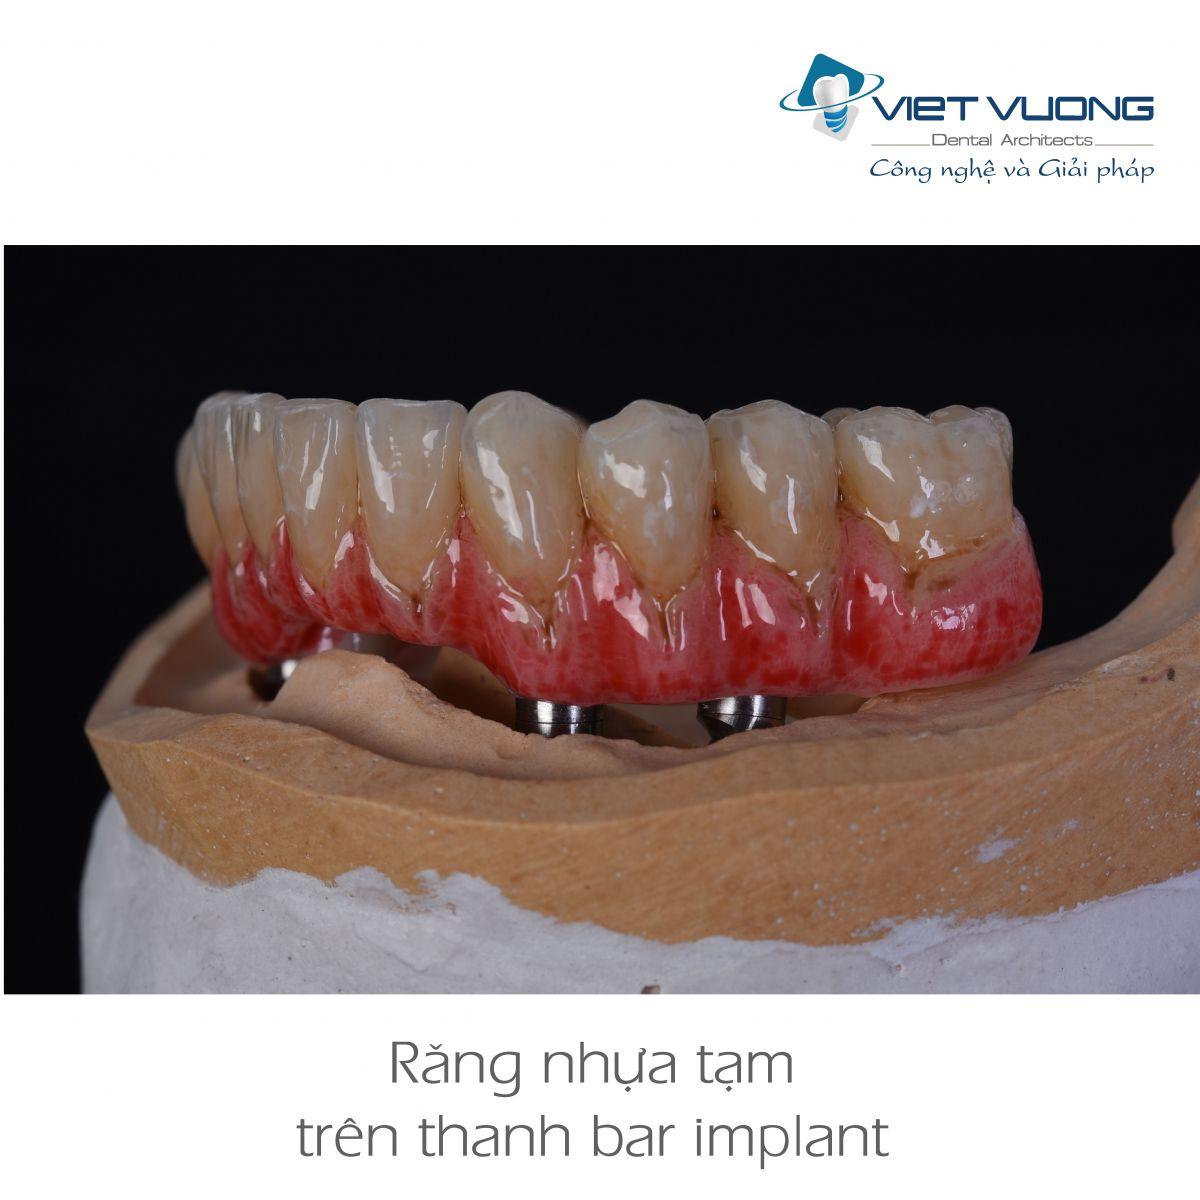 Răng nhựa trên thanh bar Implant